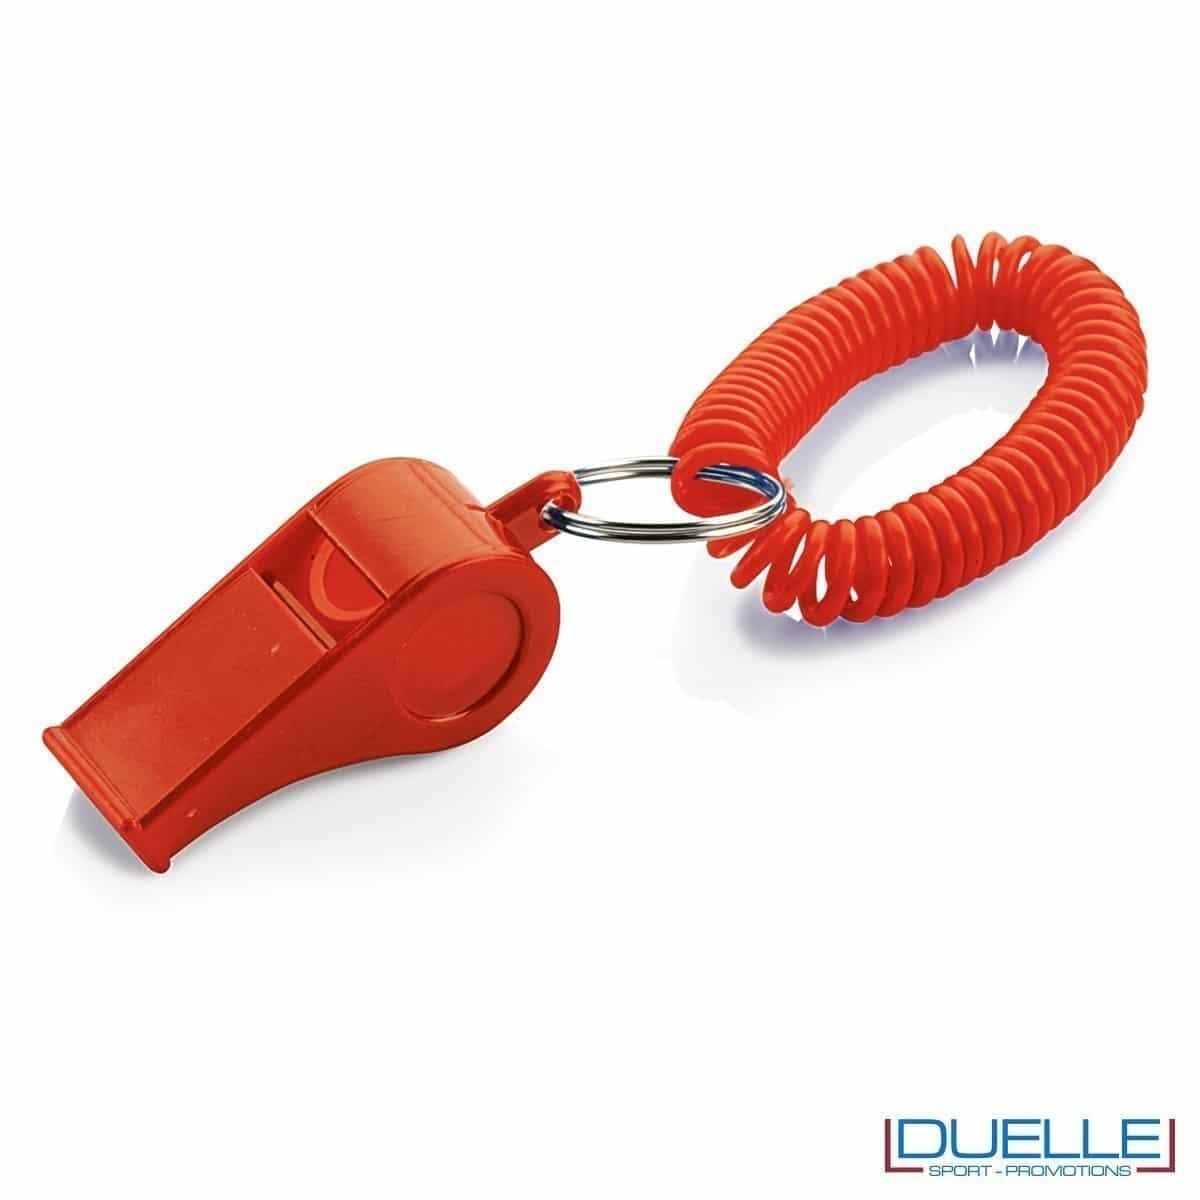 fischietto personalizzato rosso con bracciale a molla - gadget per feste e tifo